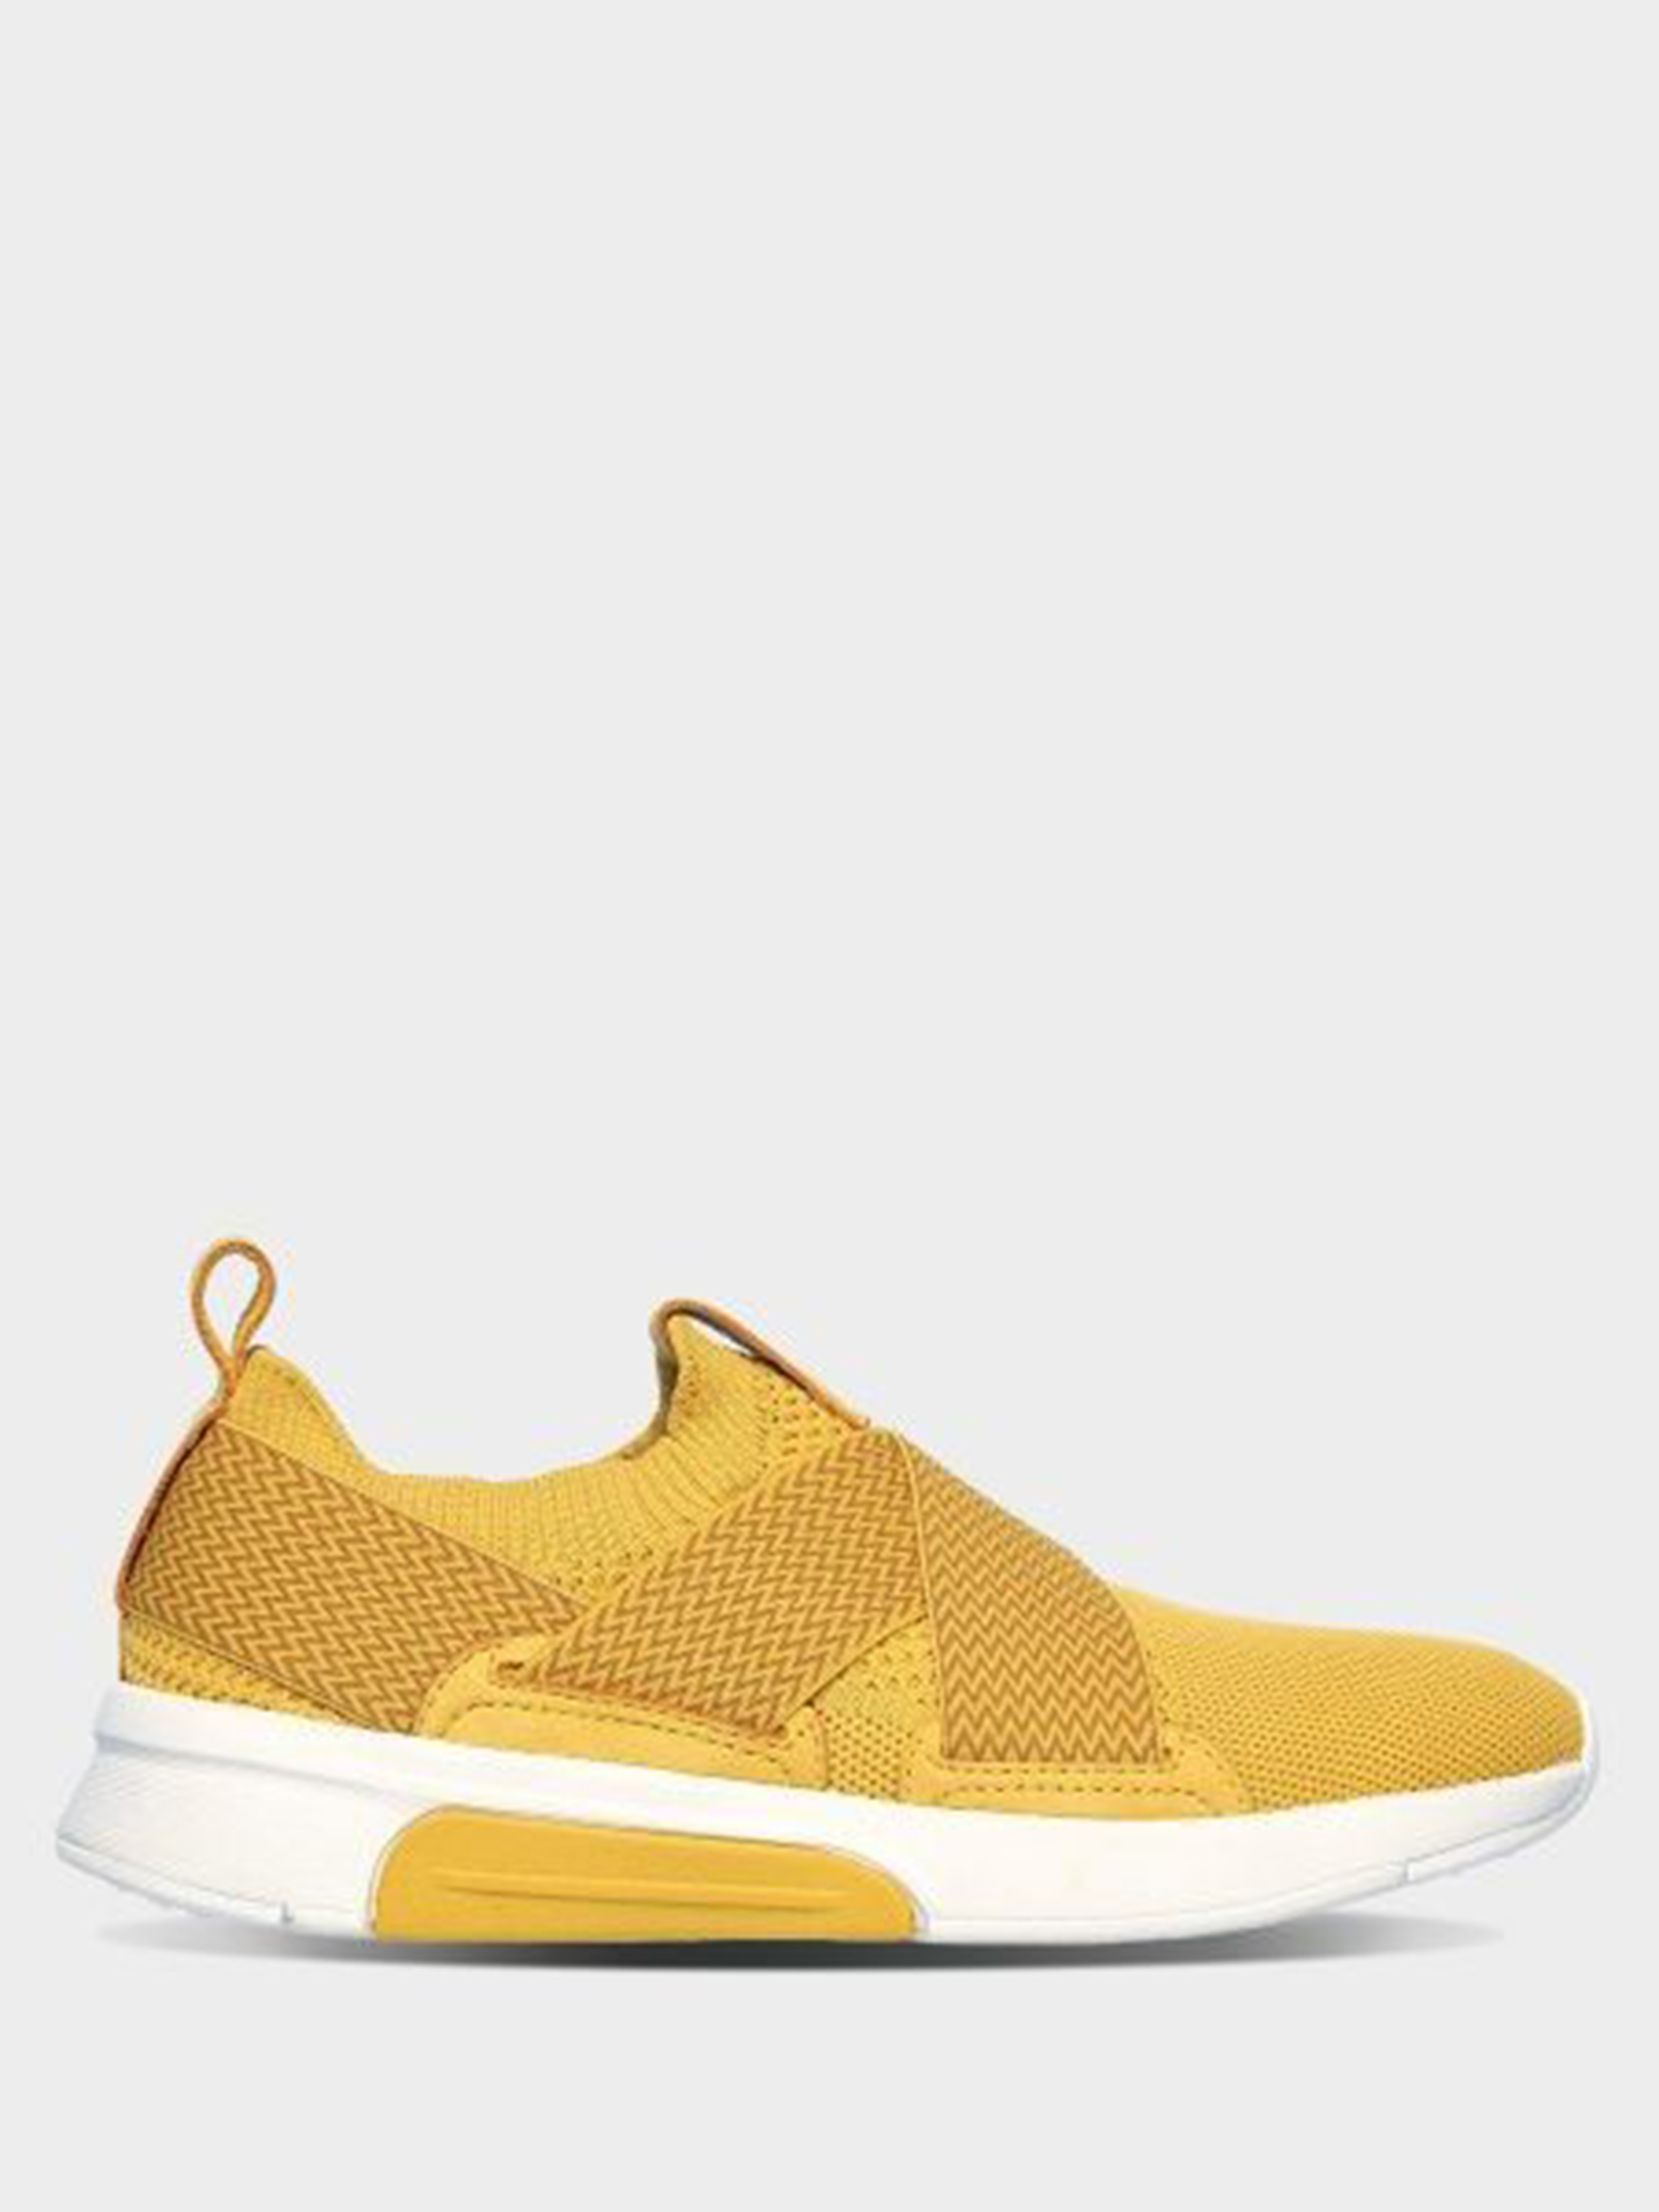 Купить Кроссовки женские Skechers KW4846, Желтый